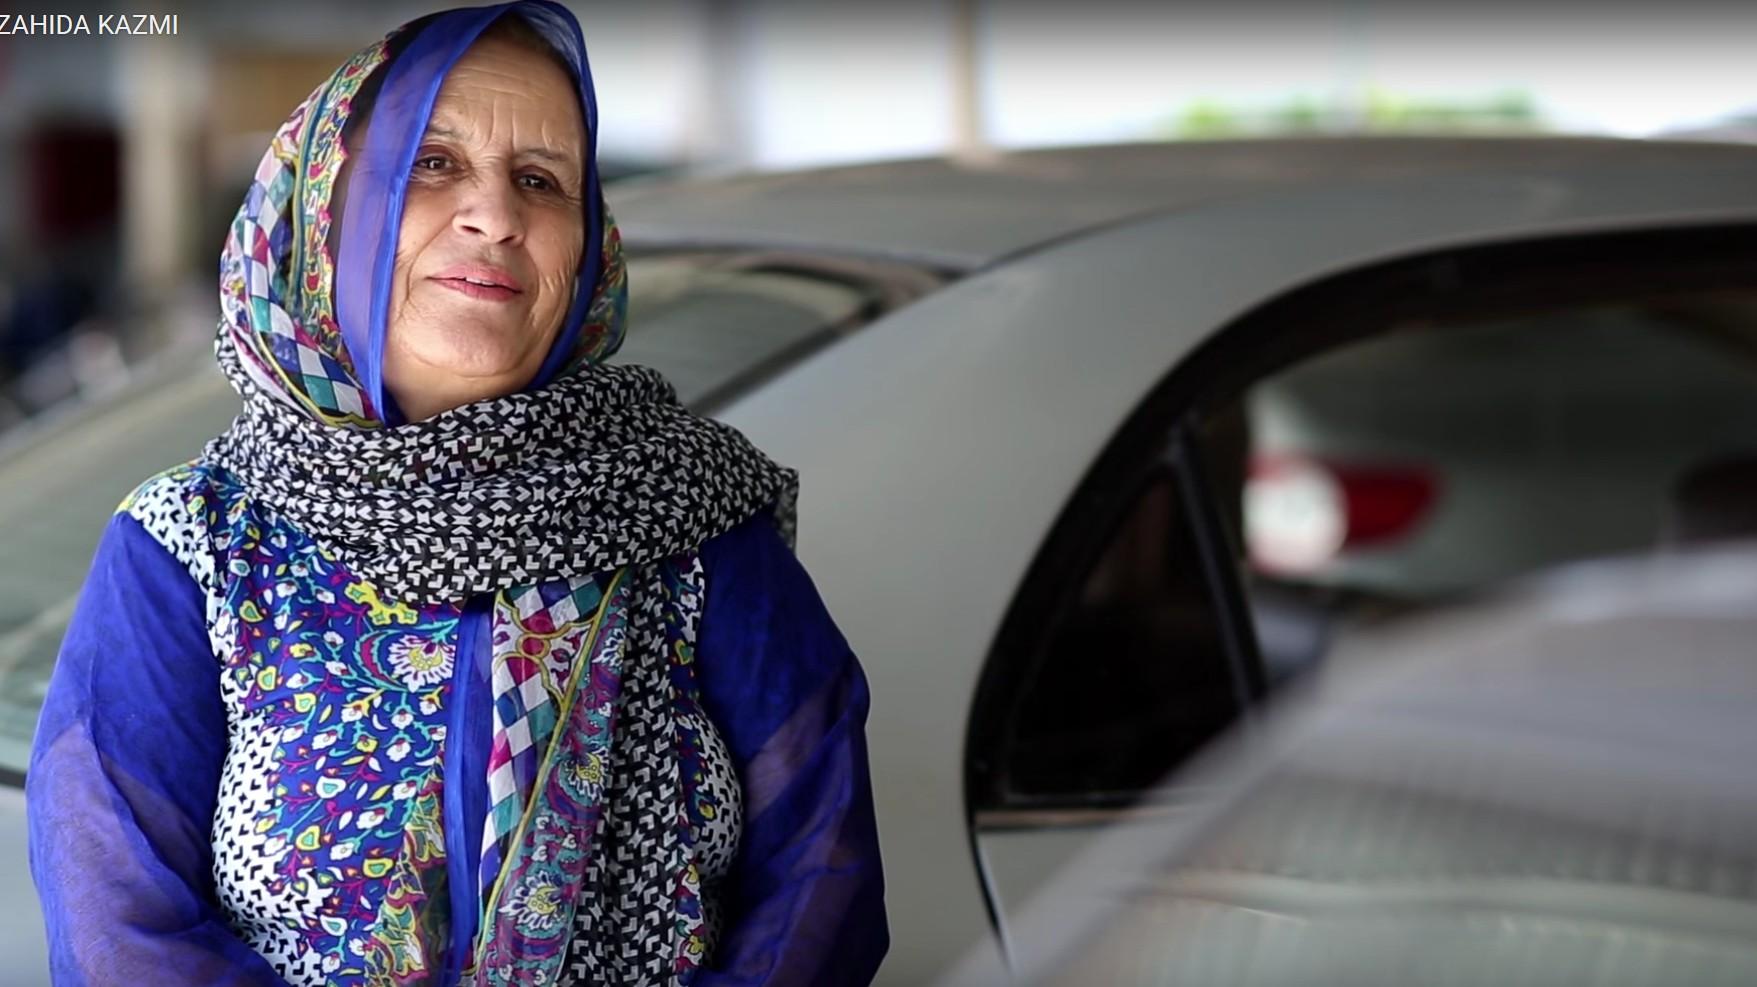 जाहिदाचं म्हणणं आहे हे काम करणं तिच्यासाठी सुरुवातीला खूप कठीण होतं. मात्र आता जाहिदाचा आदर्श घेत आज हजारो महिला पाकिस्तानात महिला टॅक्सी ड्रायव्हरचा व्यवसाय करताना दिसतायत.